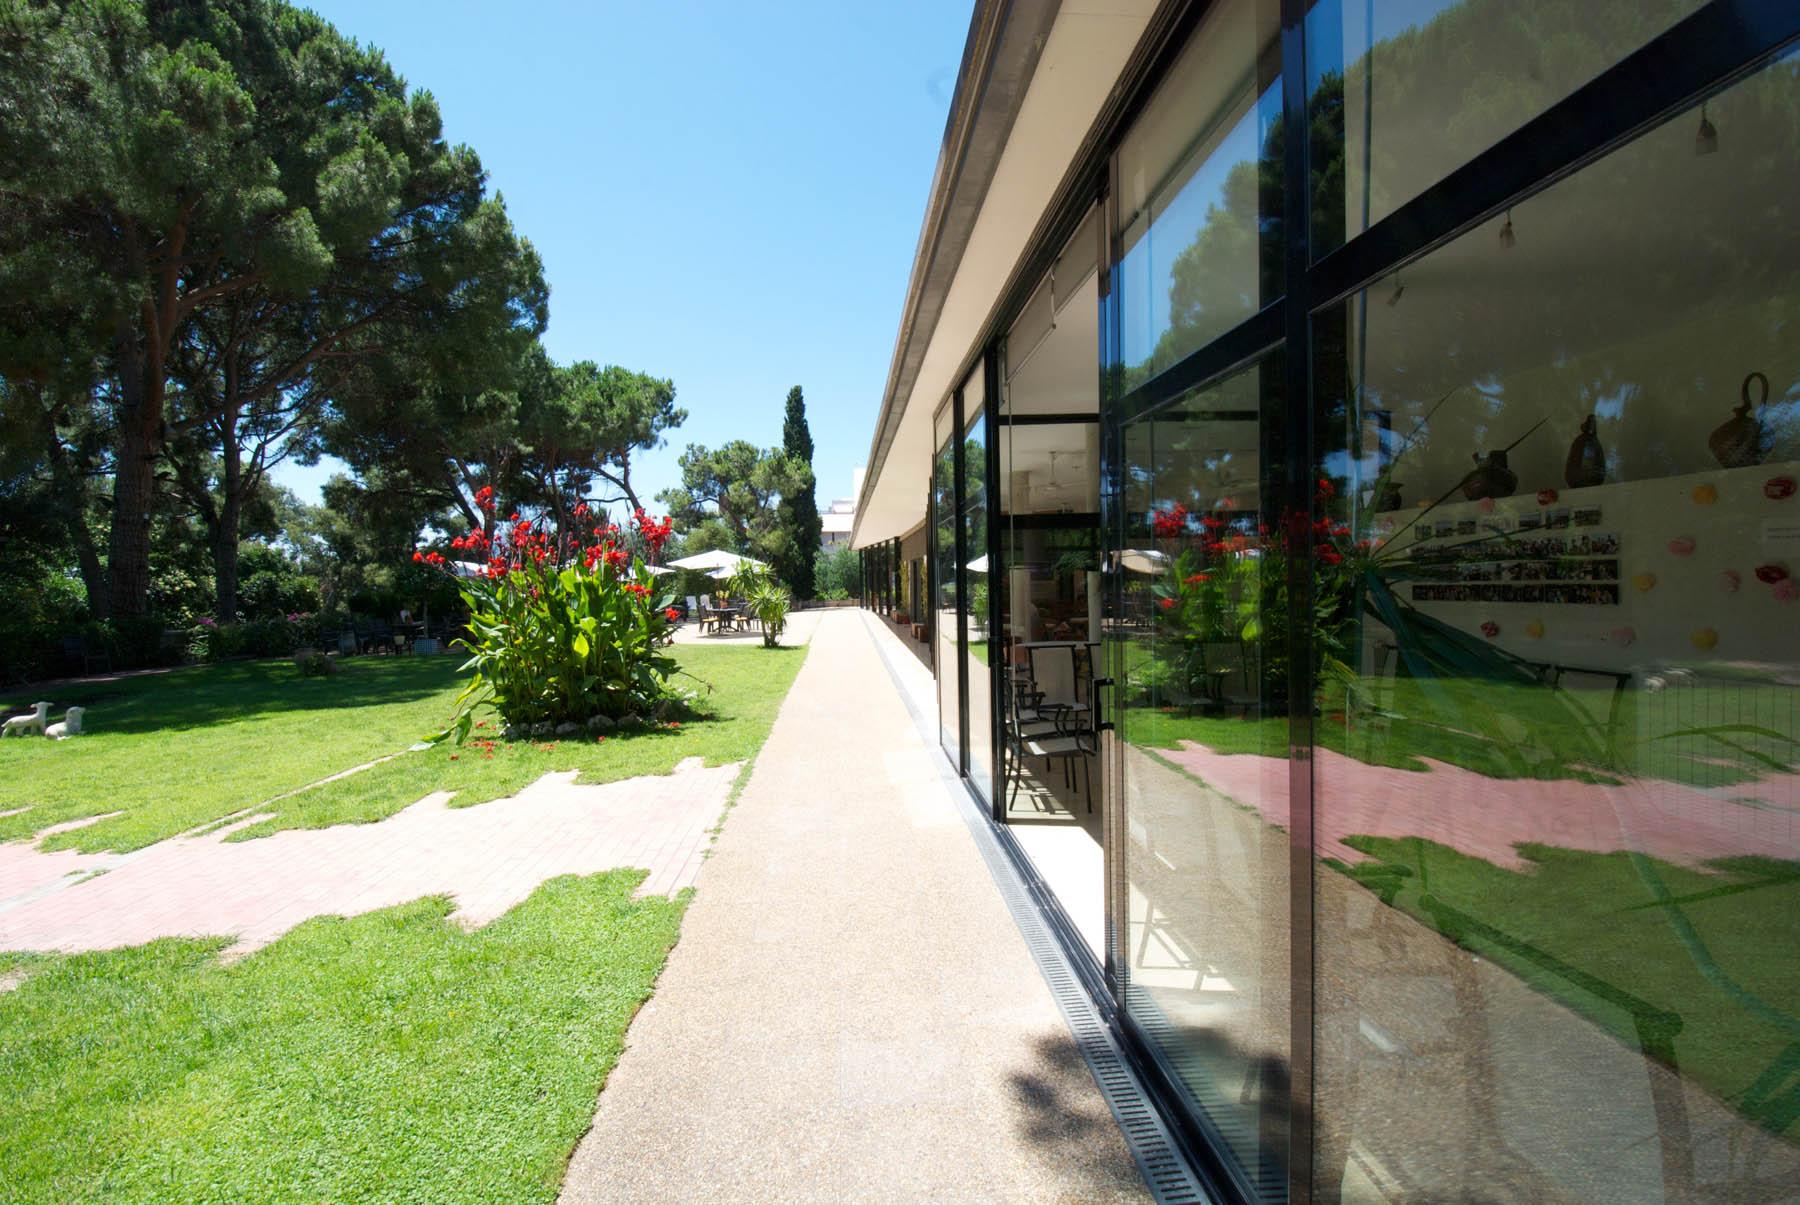 El jardí de la residència